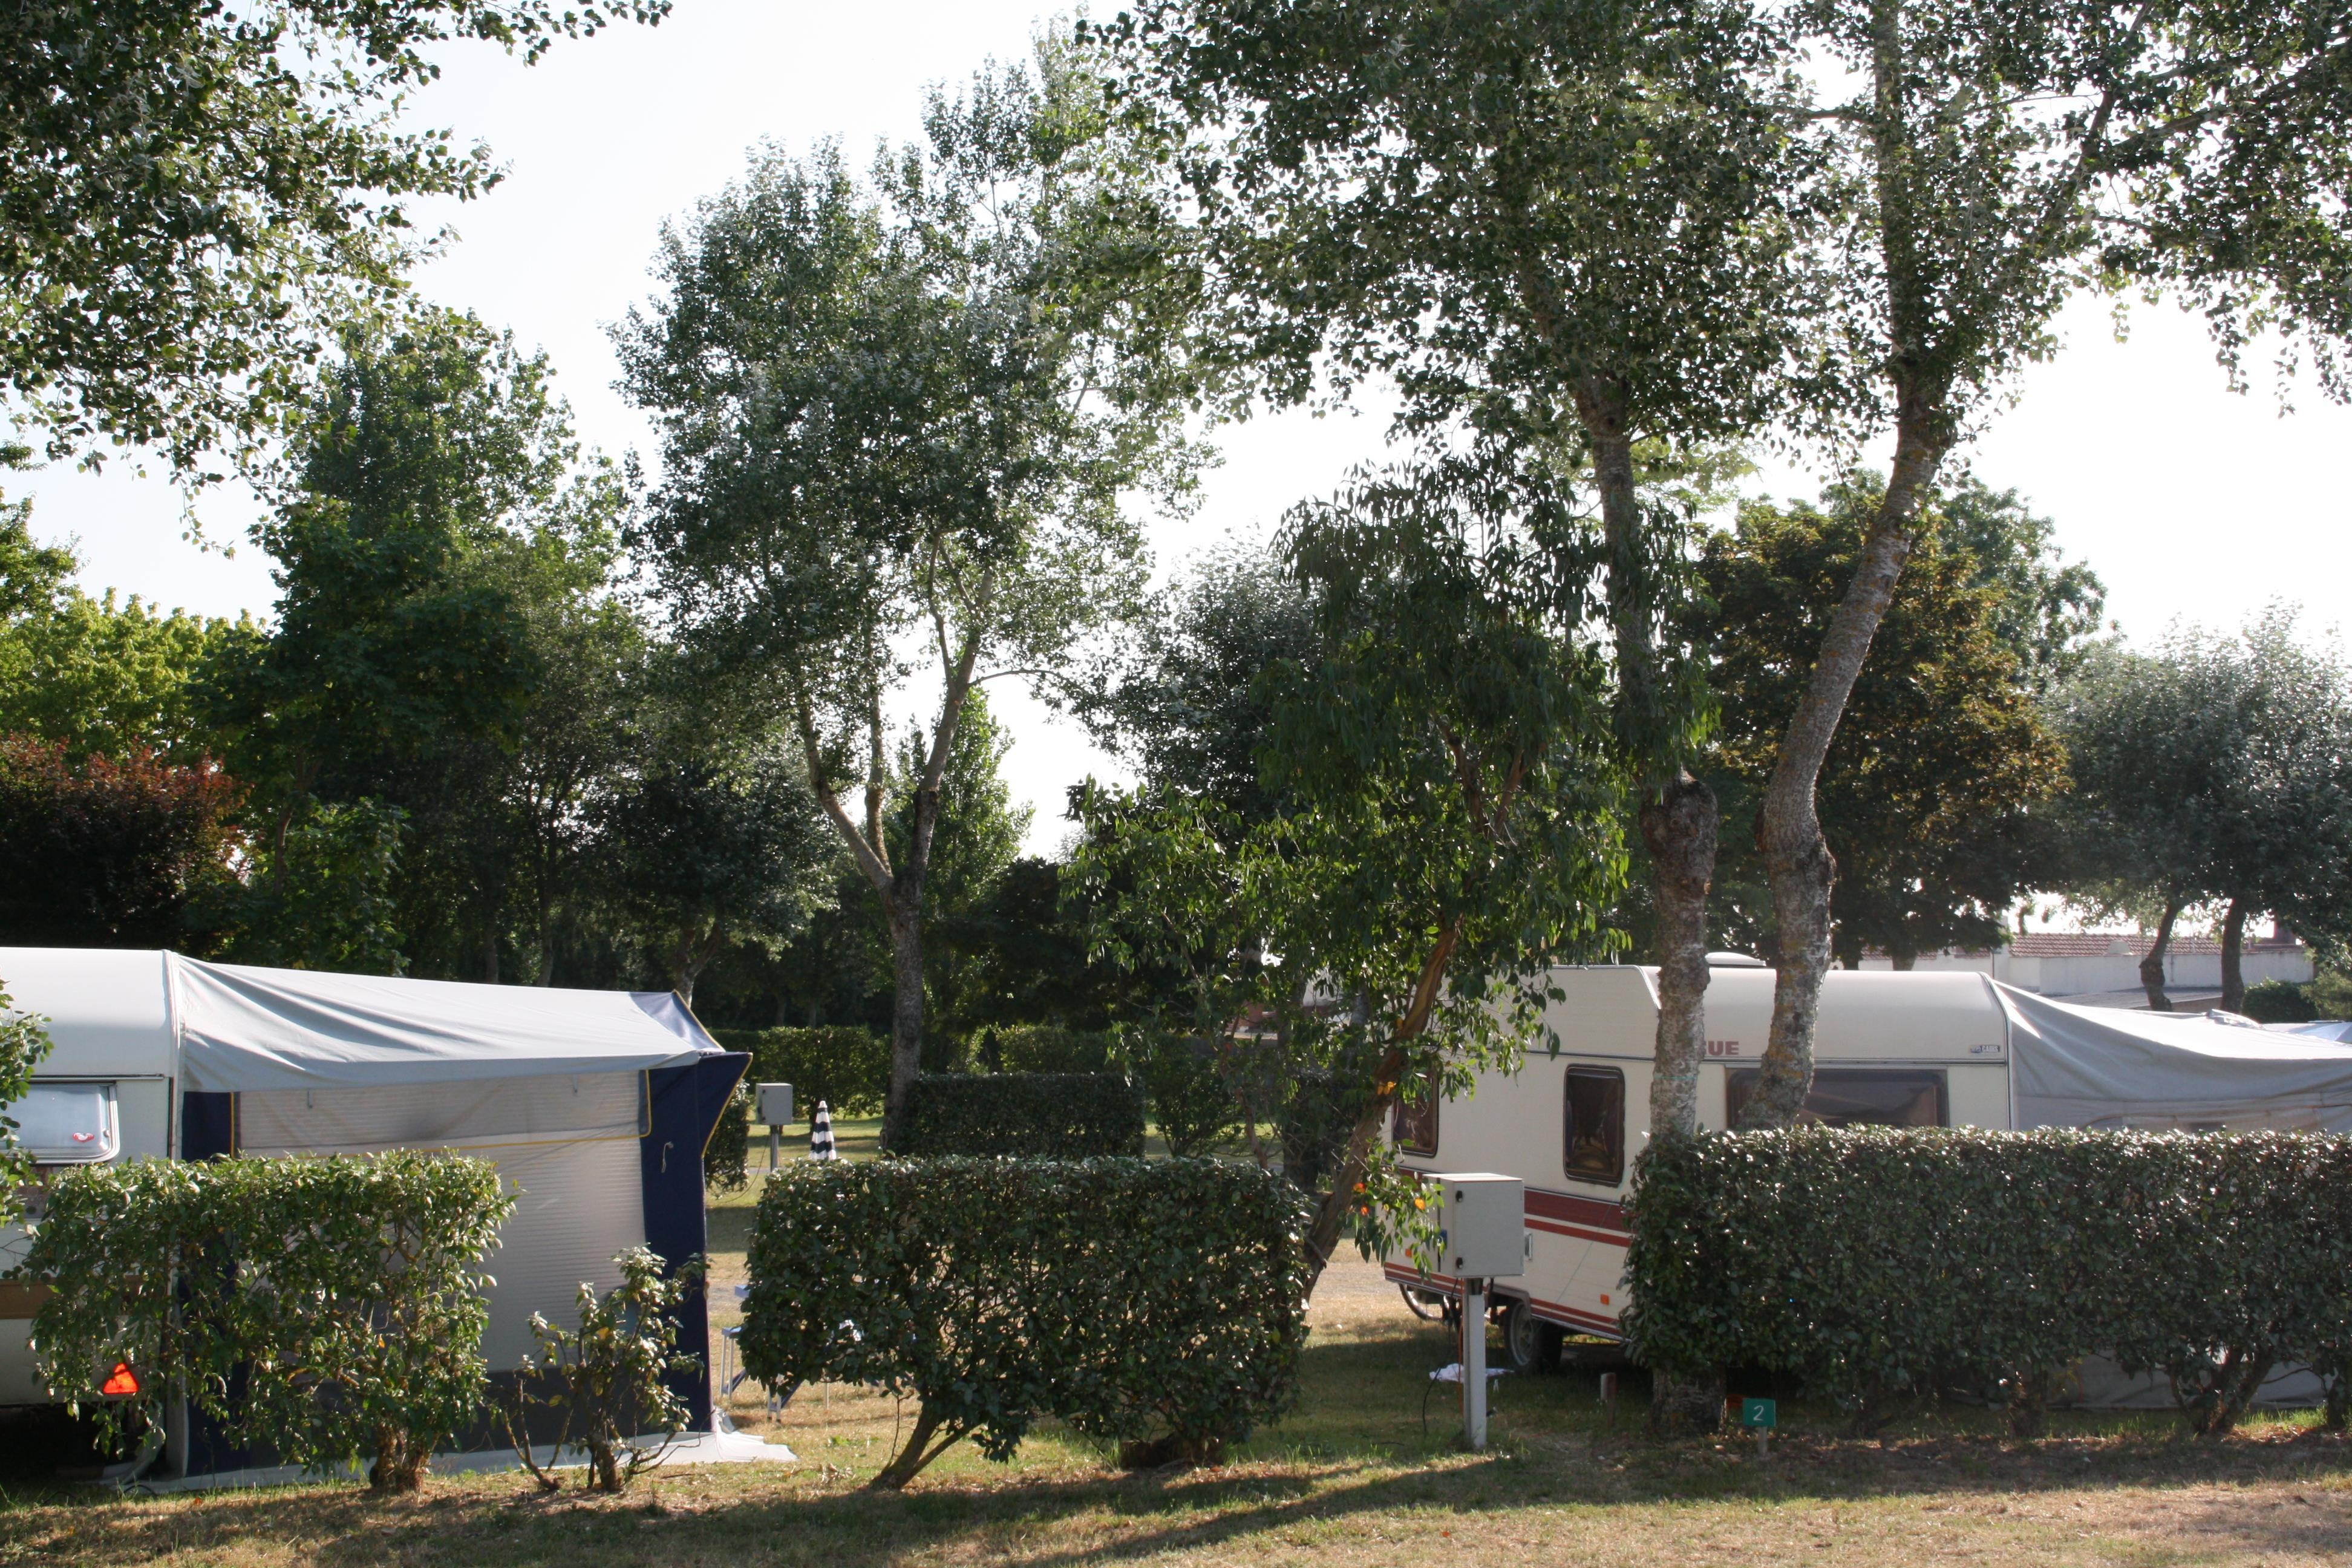 Camping la Daviere Plage, Saint-Jean-de-Monts, Vendée